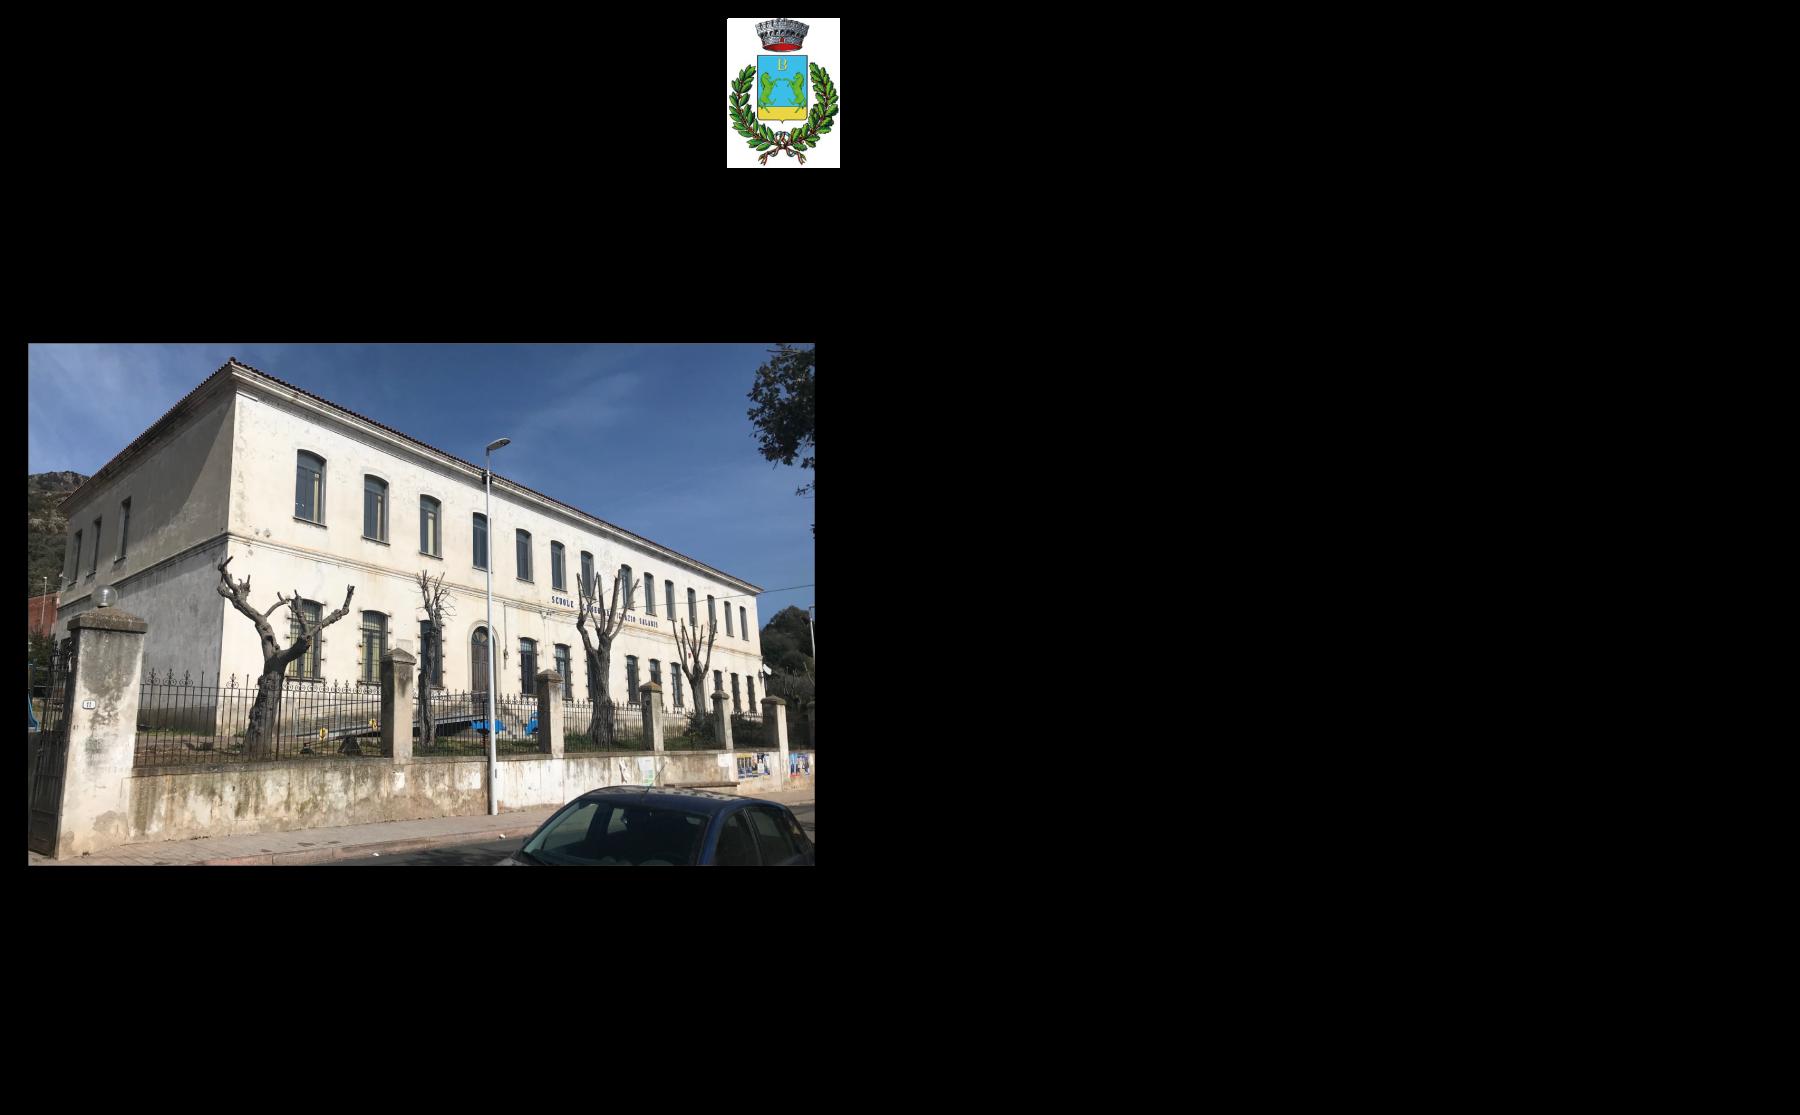 Bortigali-Biblioteca